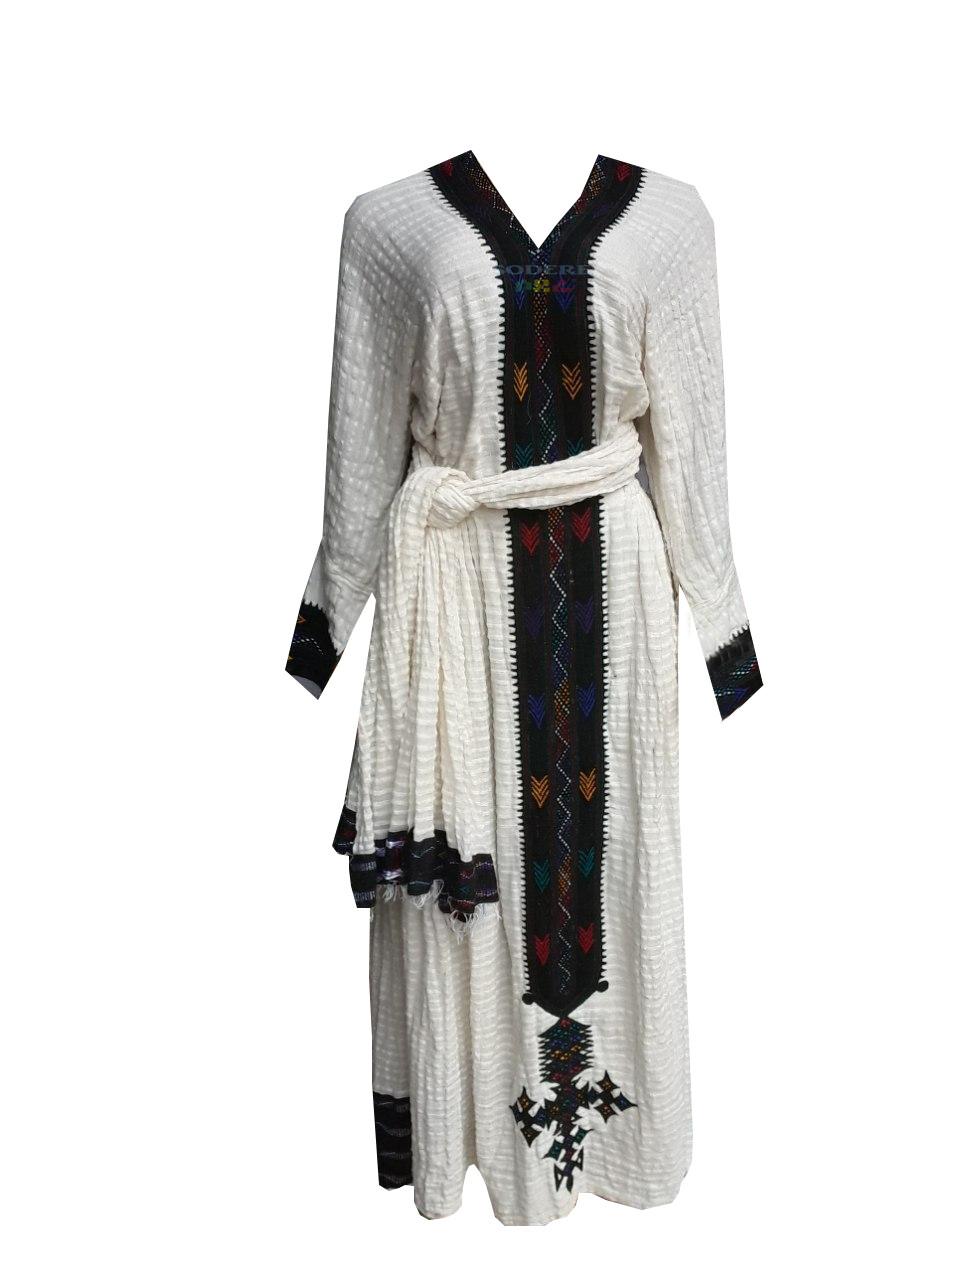 በጥልፍ የተሰራ ረዘም ያለ የሀበሻ ልብስ  Ethiopian Traditional Long Dress